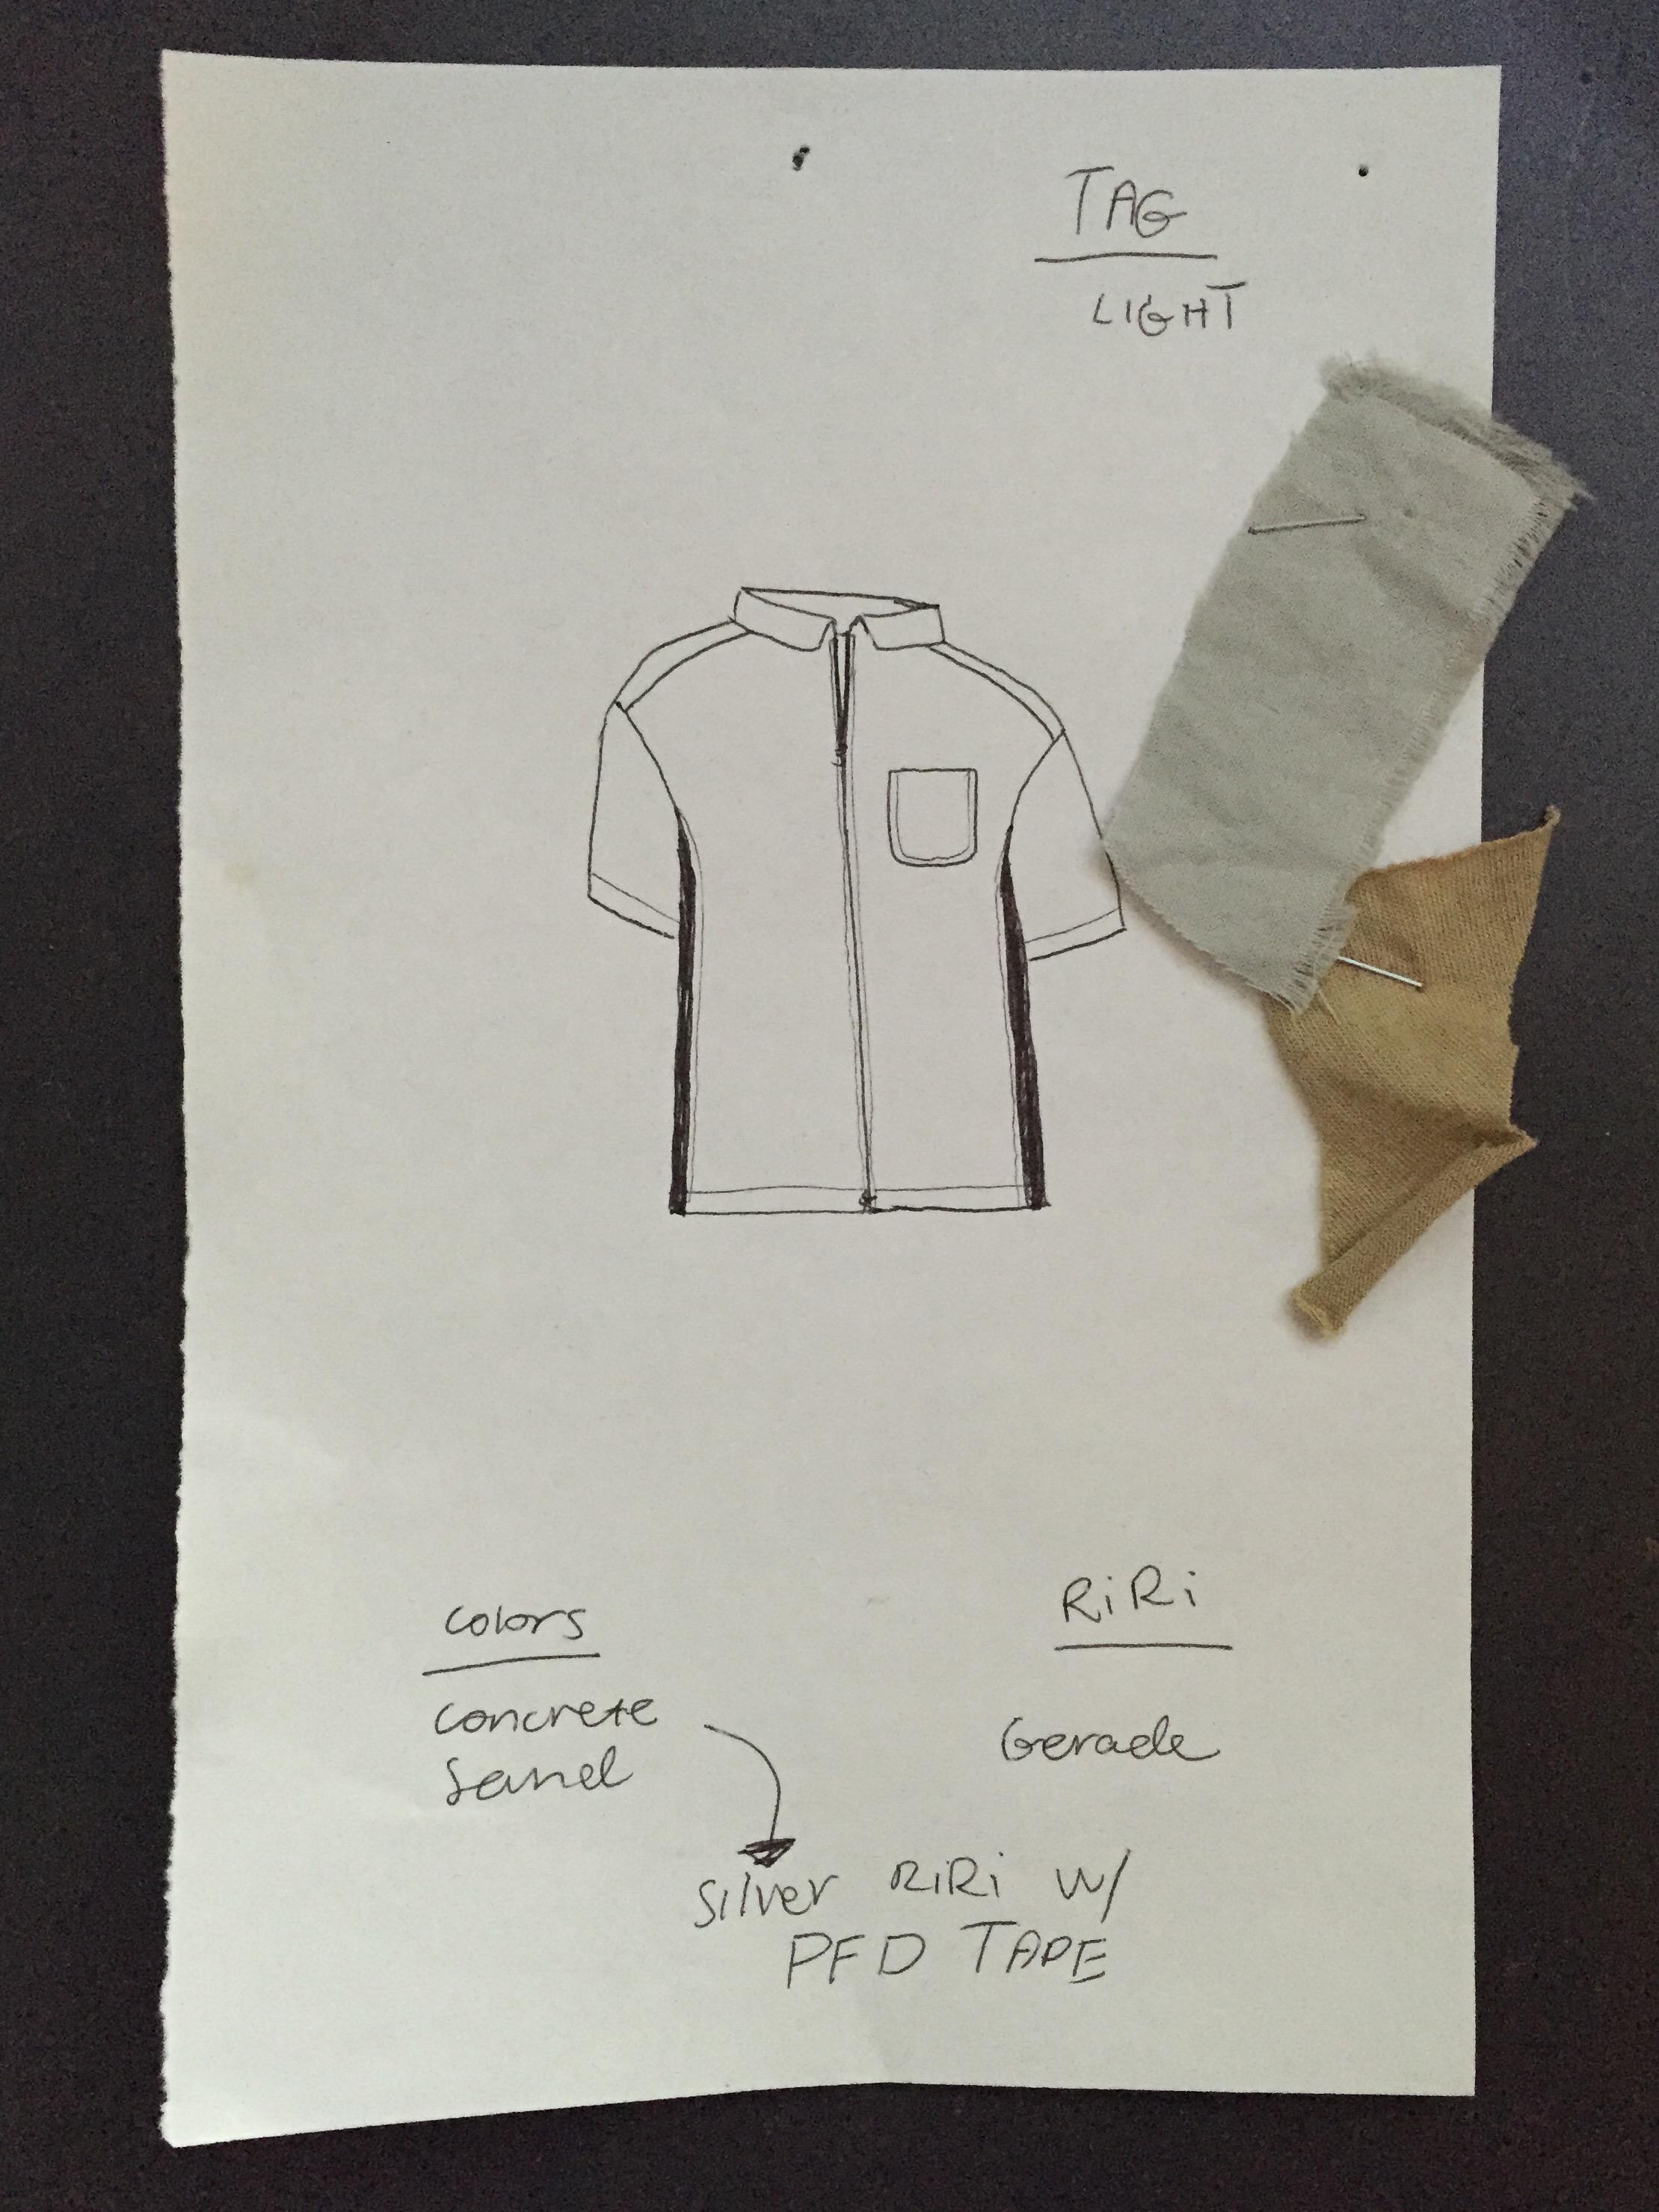 The original sketch.